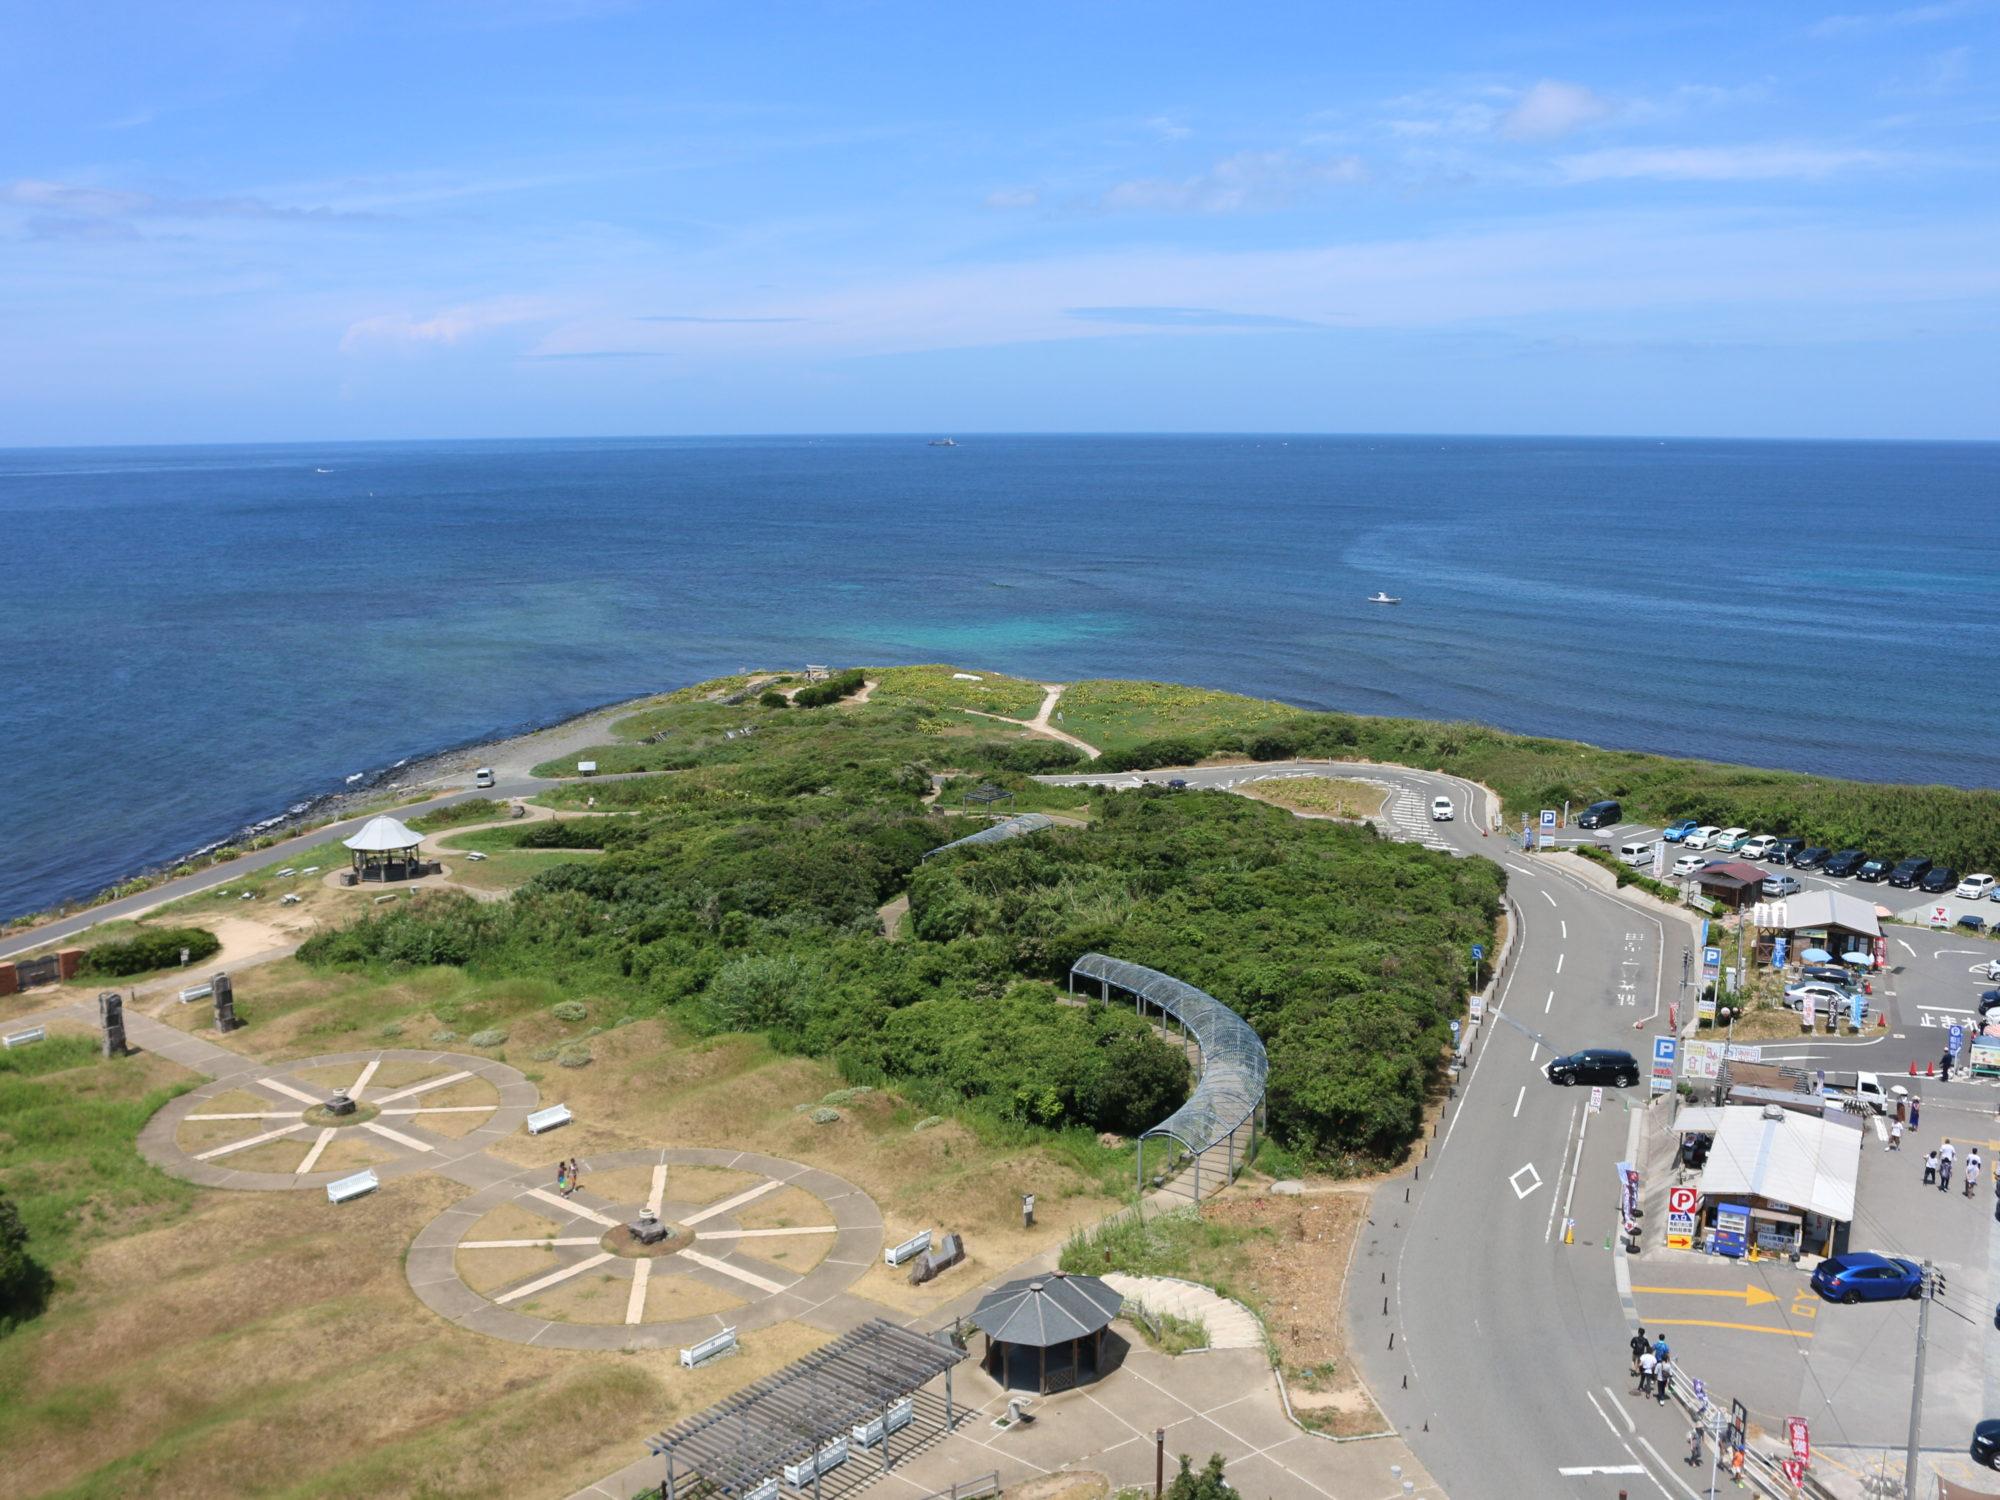 お盆休み山口県旅〜角島灯台からの海の景色を楽しむ〜